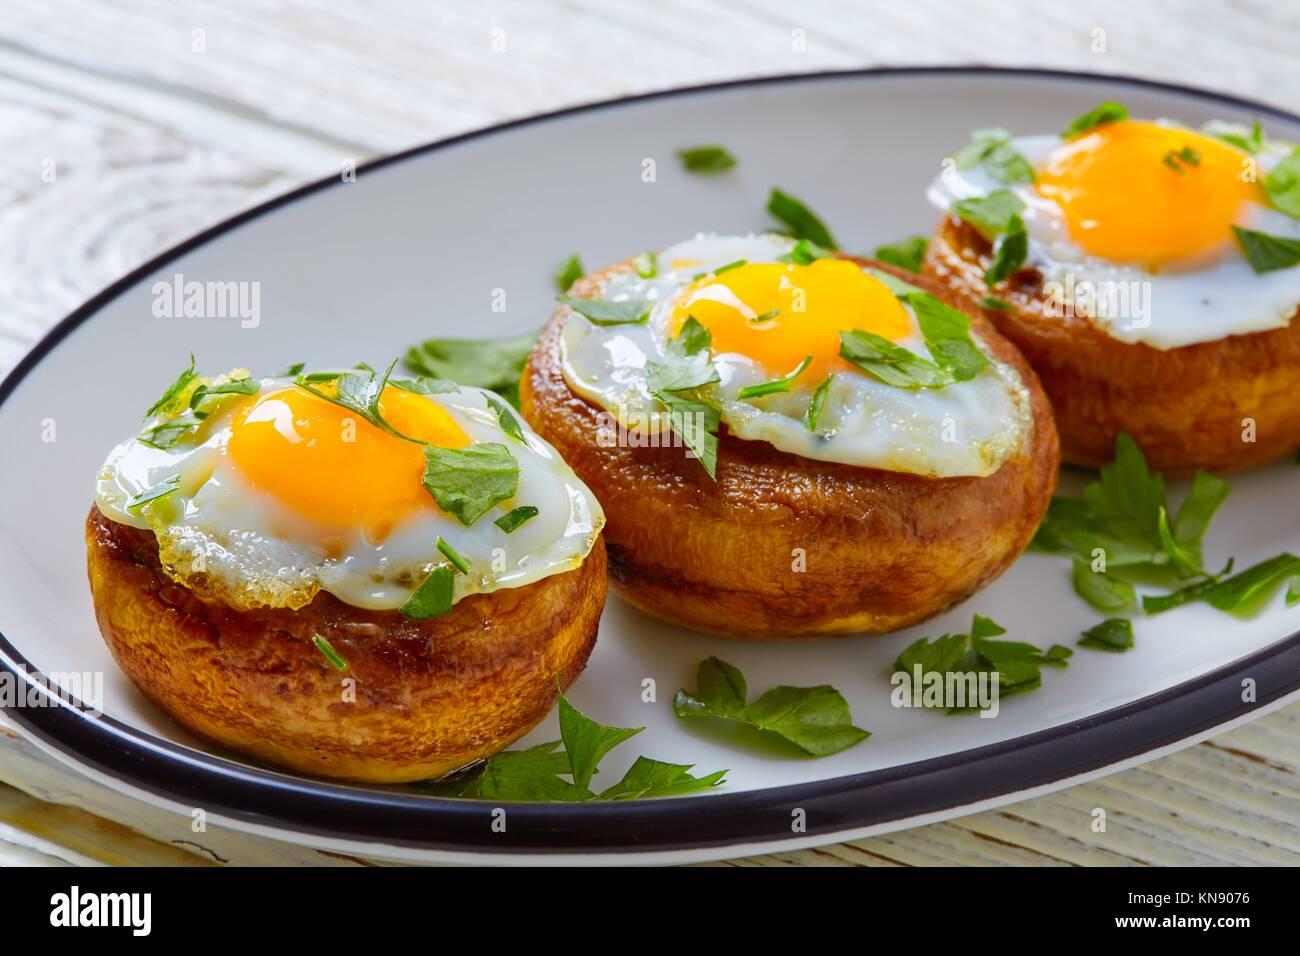 Tapas de setas con huevos de codorniz desde España pinchos pintxos. Foto de stock